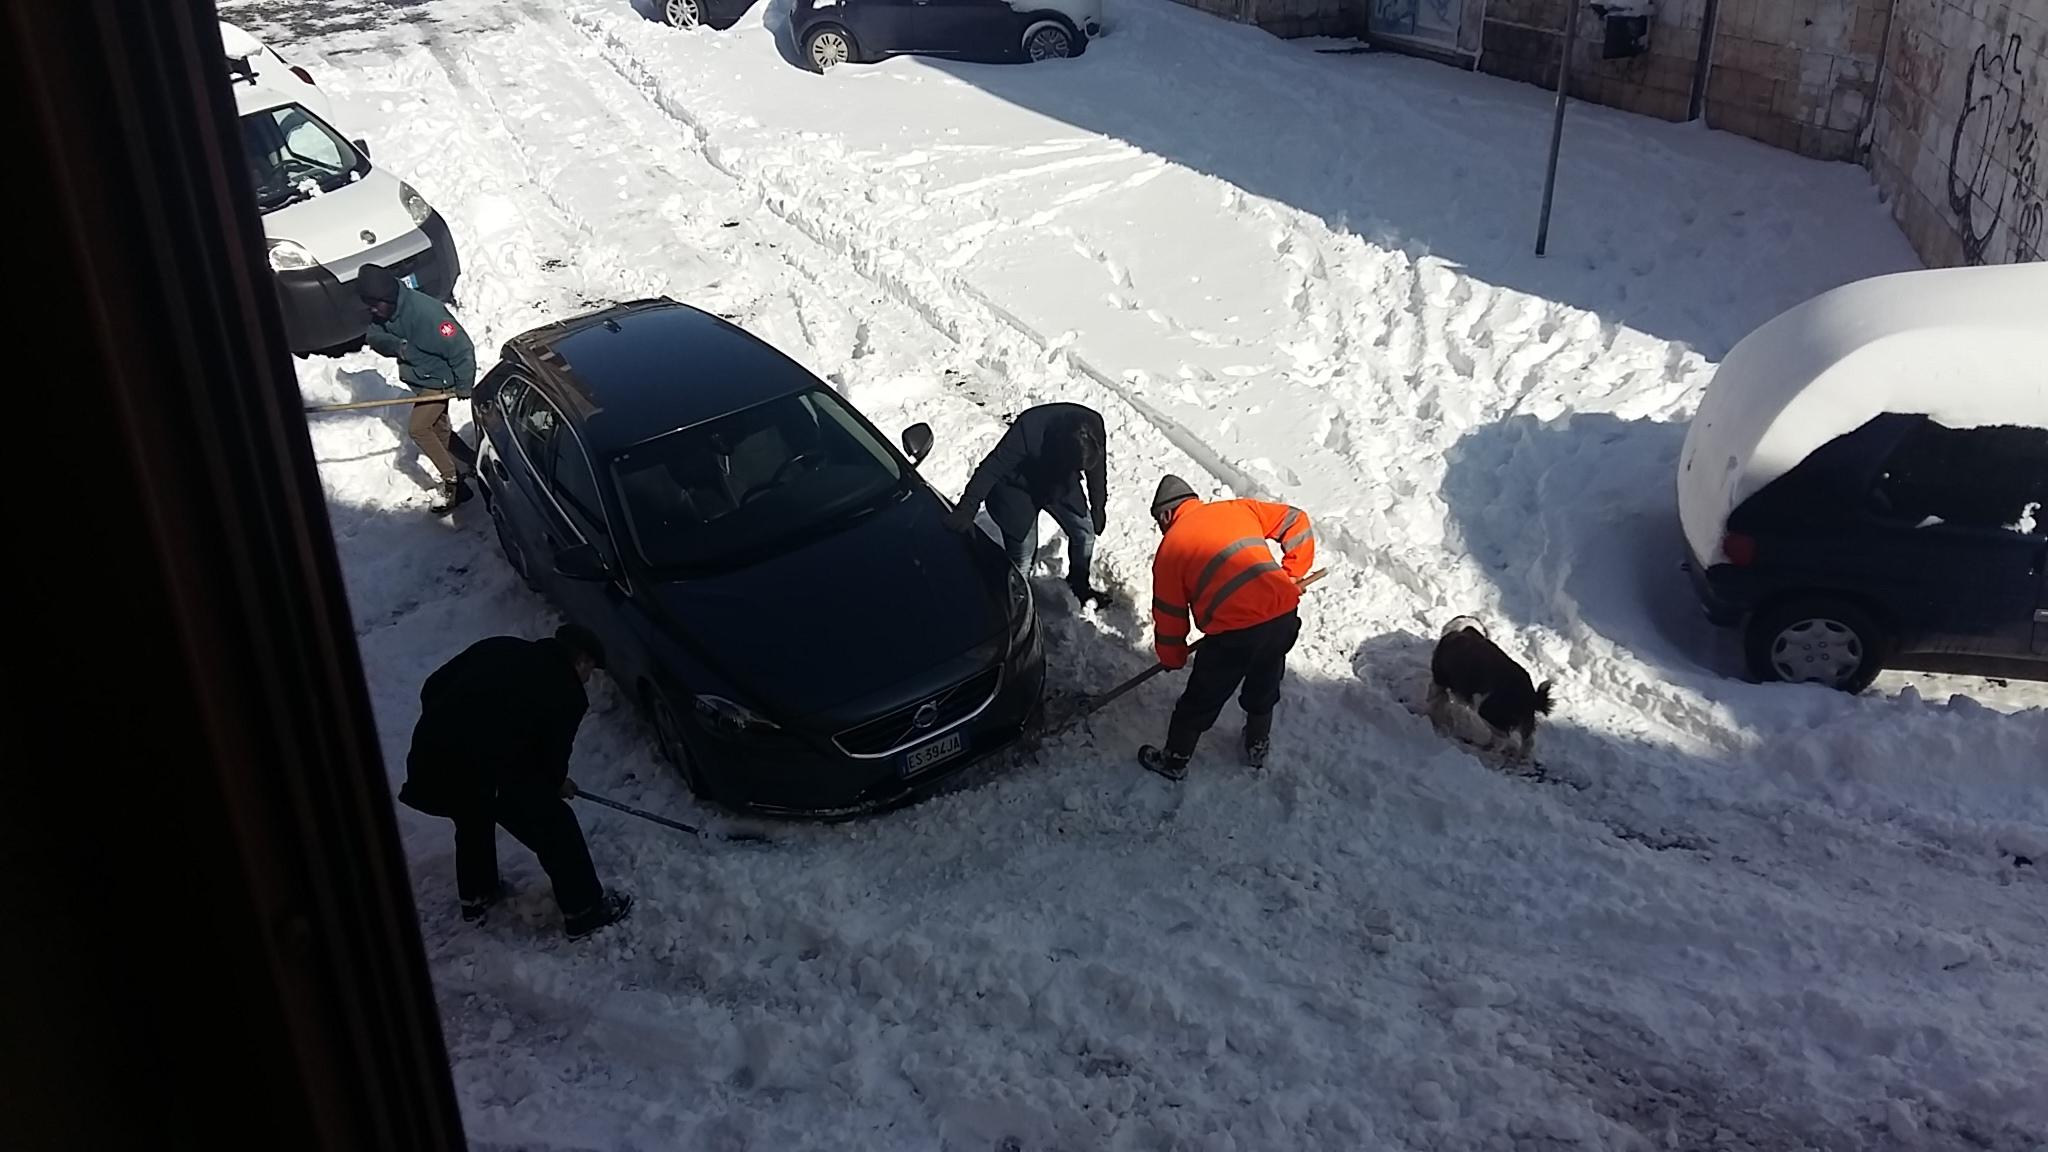 Emergenza neve: prima liberare gli ospedali e i presidi sanitari, ma gli spalatori al centro già si vedono